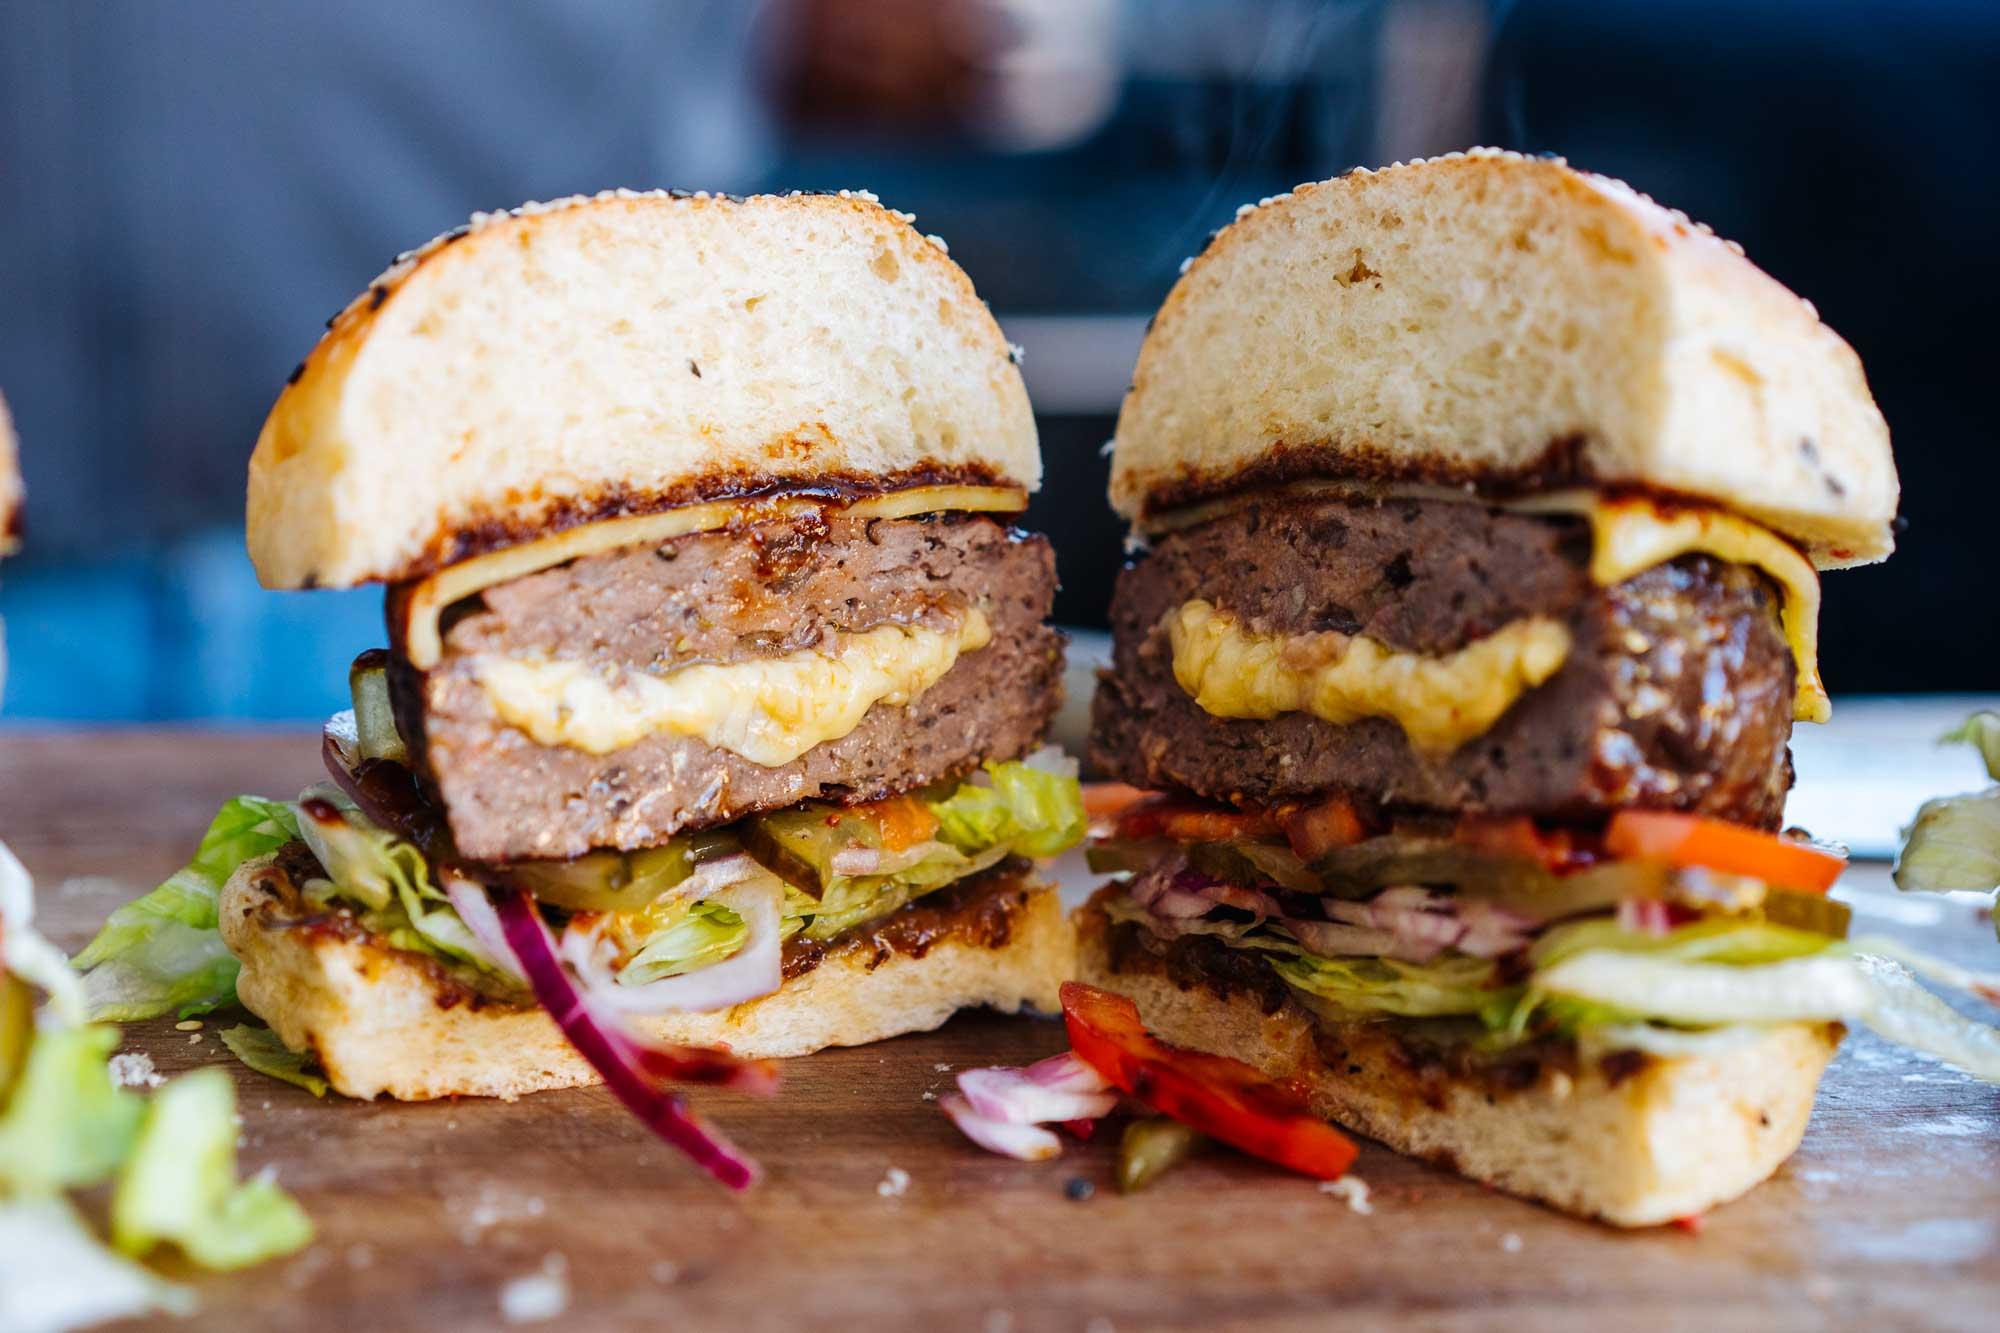 Stuffed Cheeseburger mit doppelt Käse